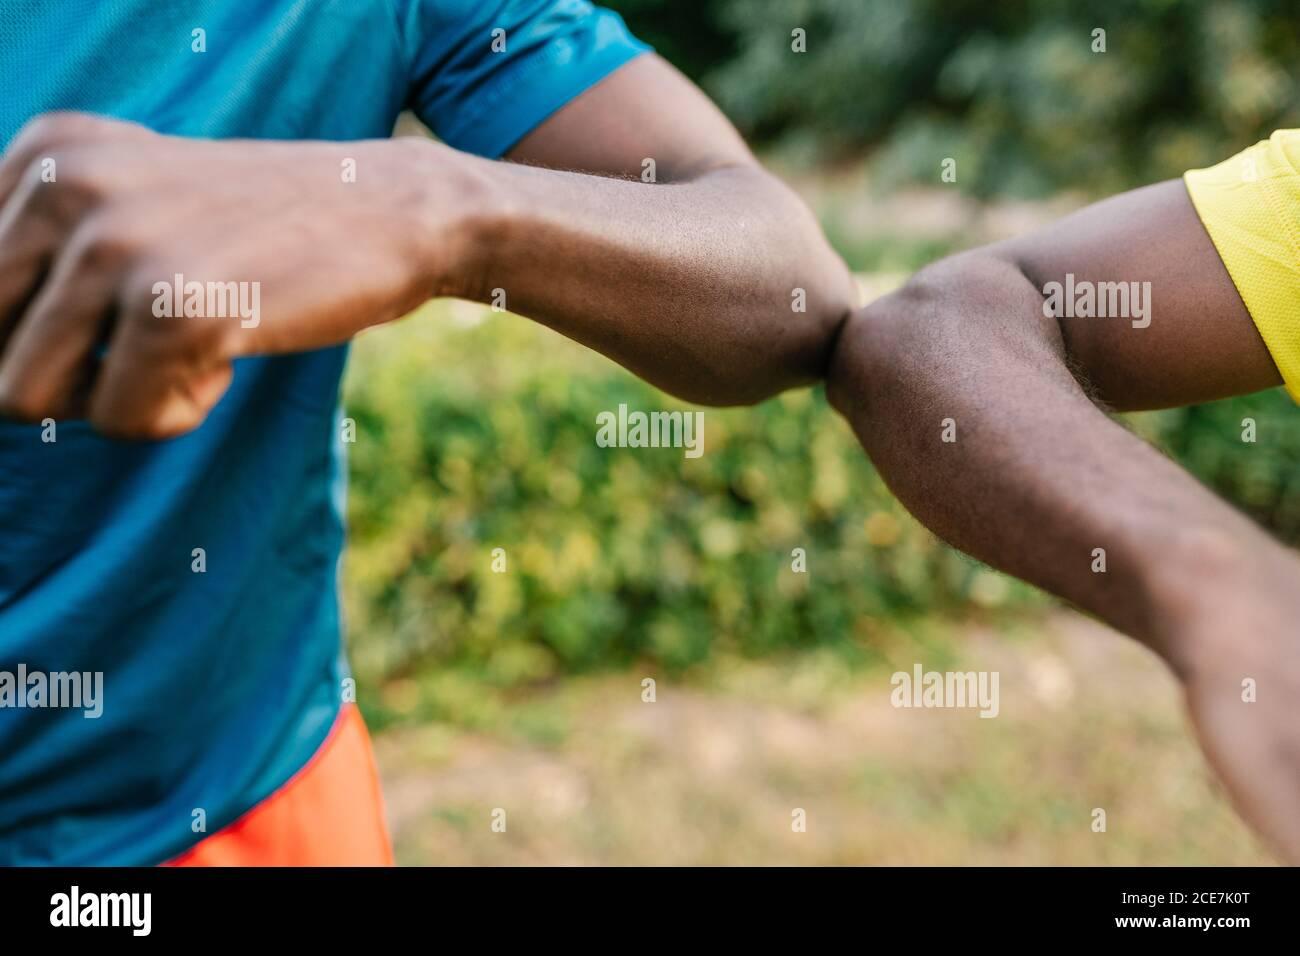 Gros plan de deux hommes noirs anonymes qui font la bosse du coude plein air dans le parc Banque D'Images